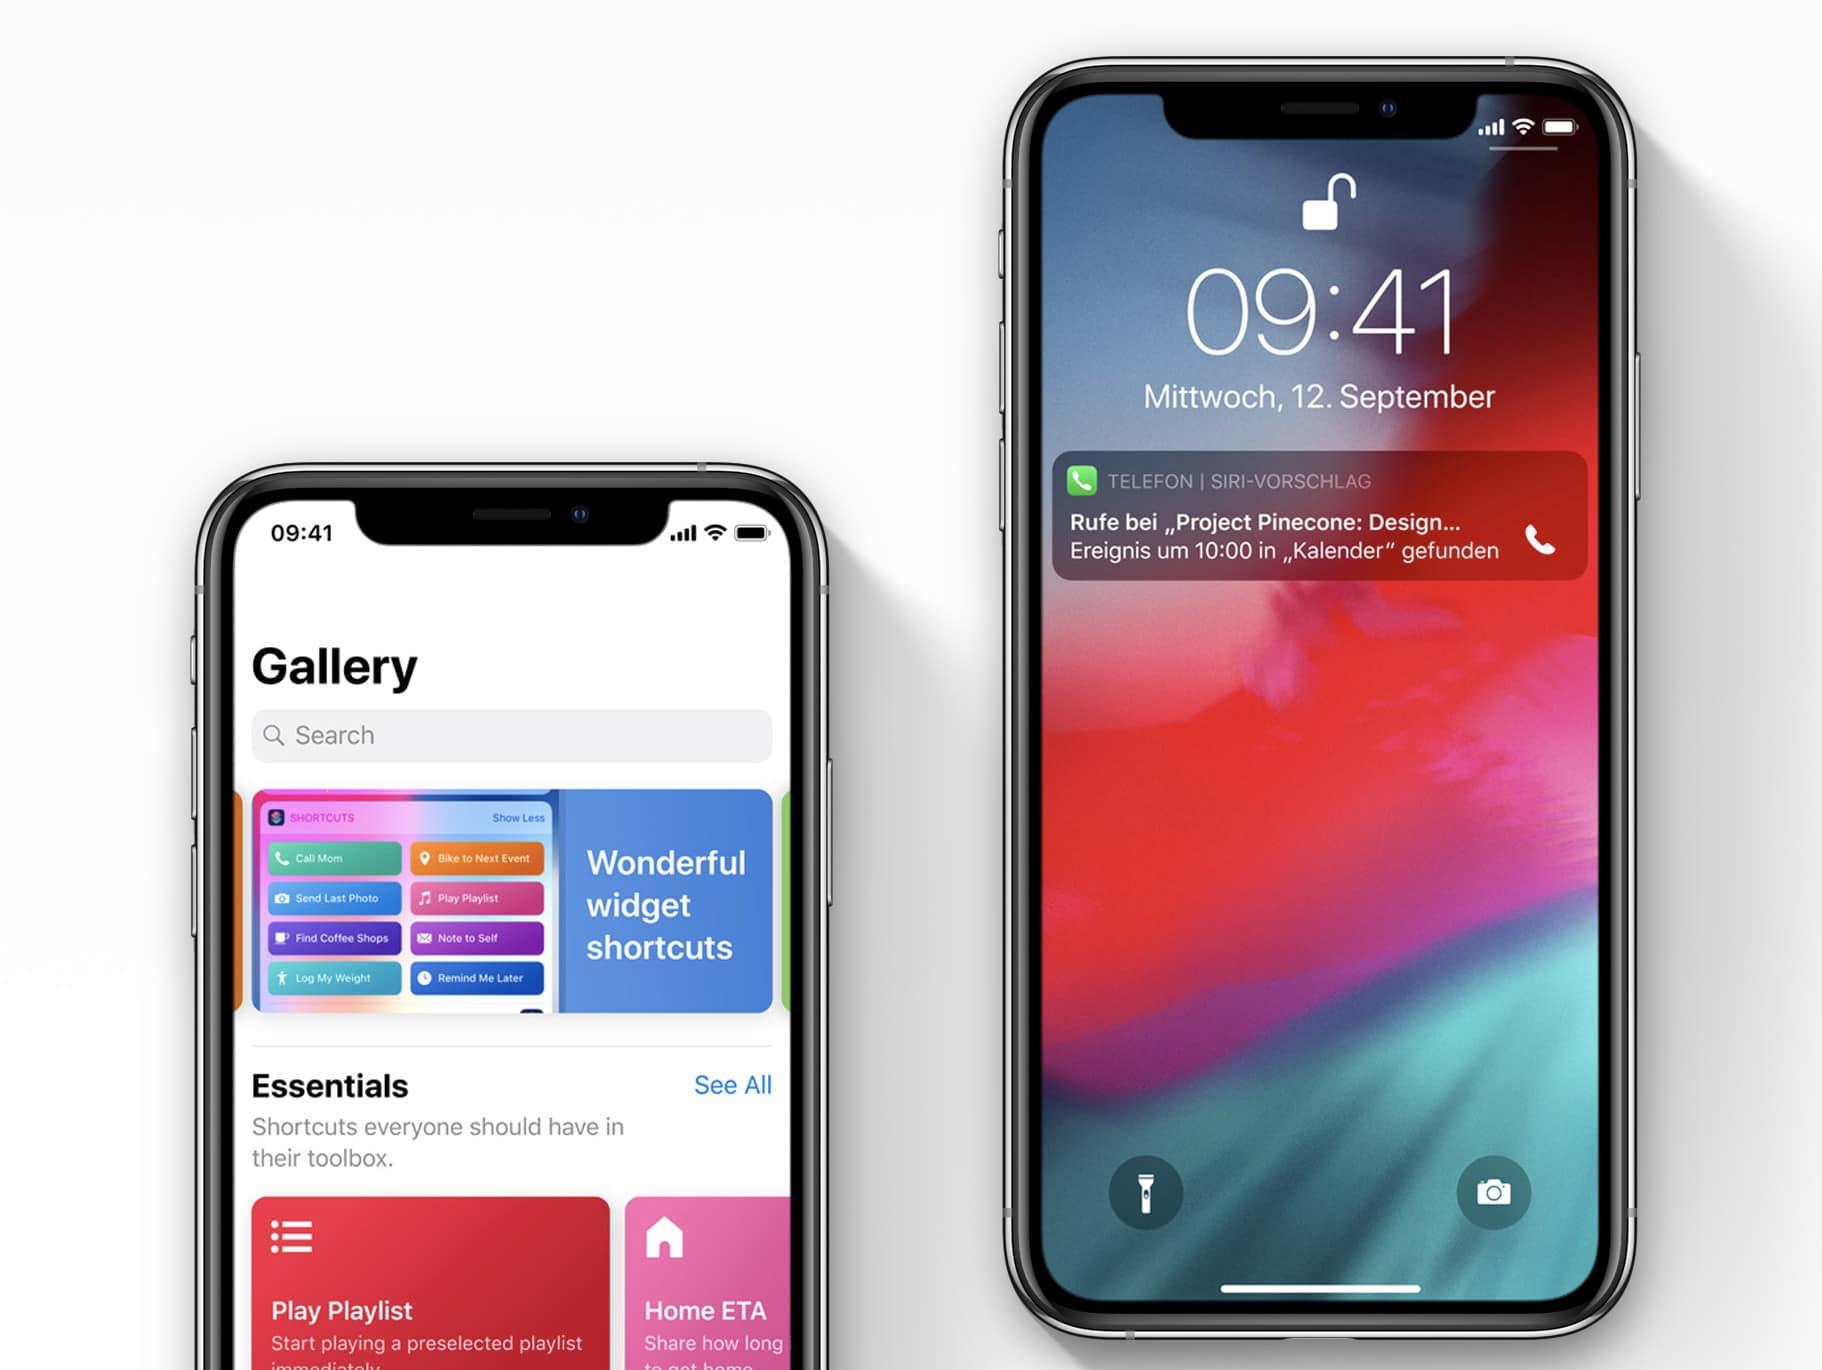 Siri Kurzbefehle: Das kann die neue App von Apple